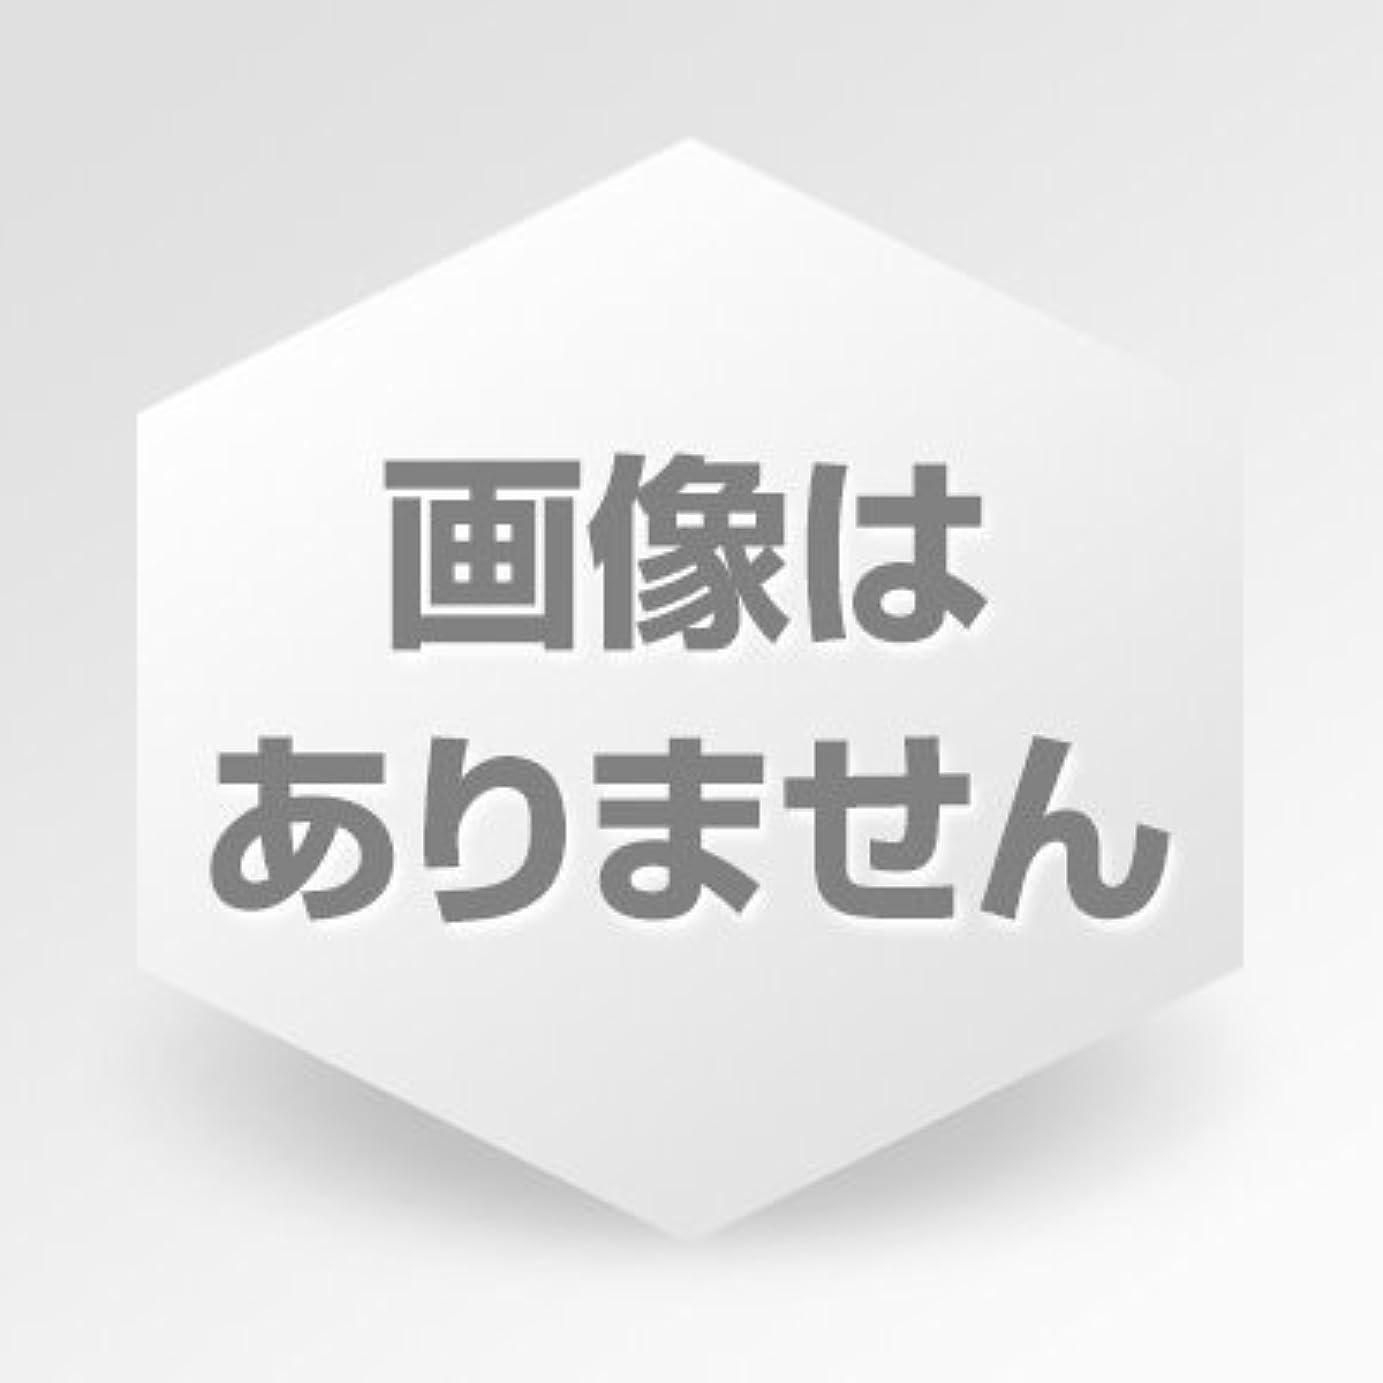 クレデンシャル絶妙ハリケーンファイン 炭 シャンプー 1,000ml 詰め替え用